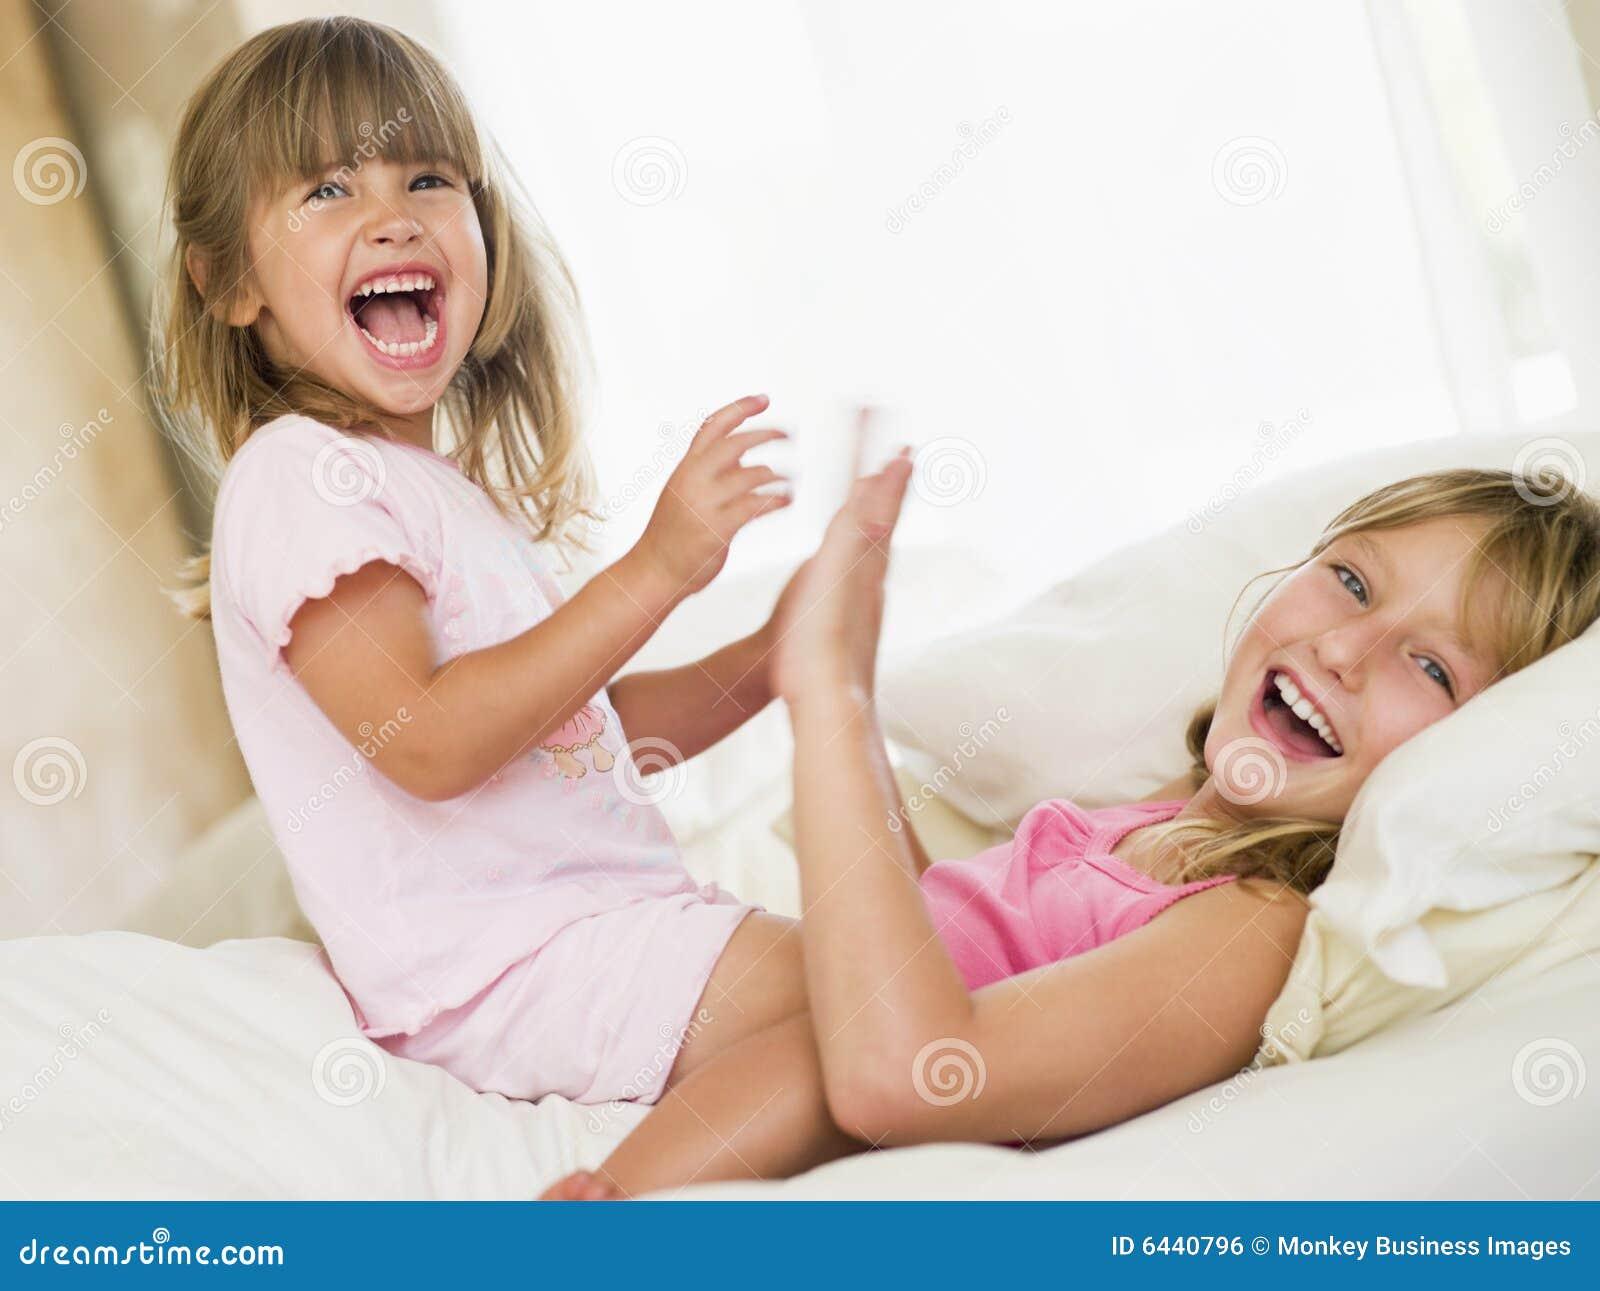 Проснулся в кровати сестры 6 фотография